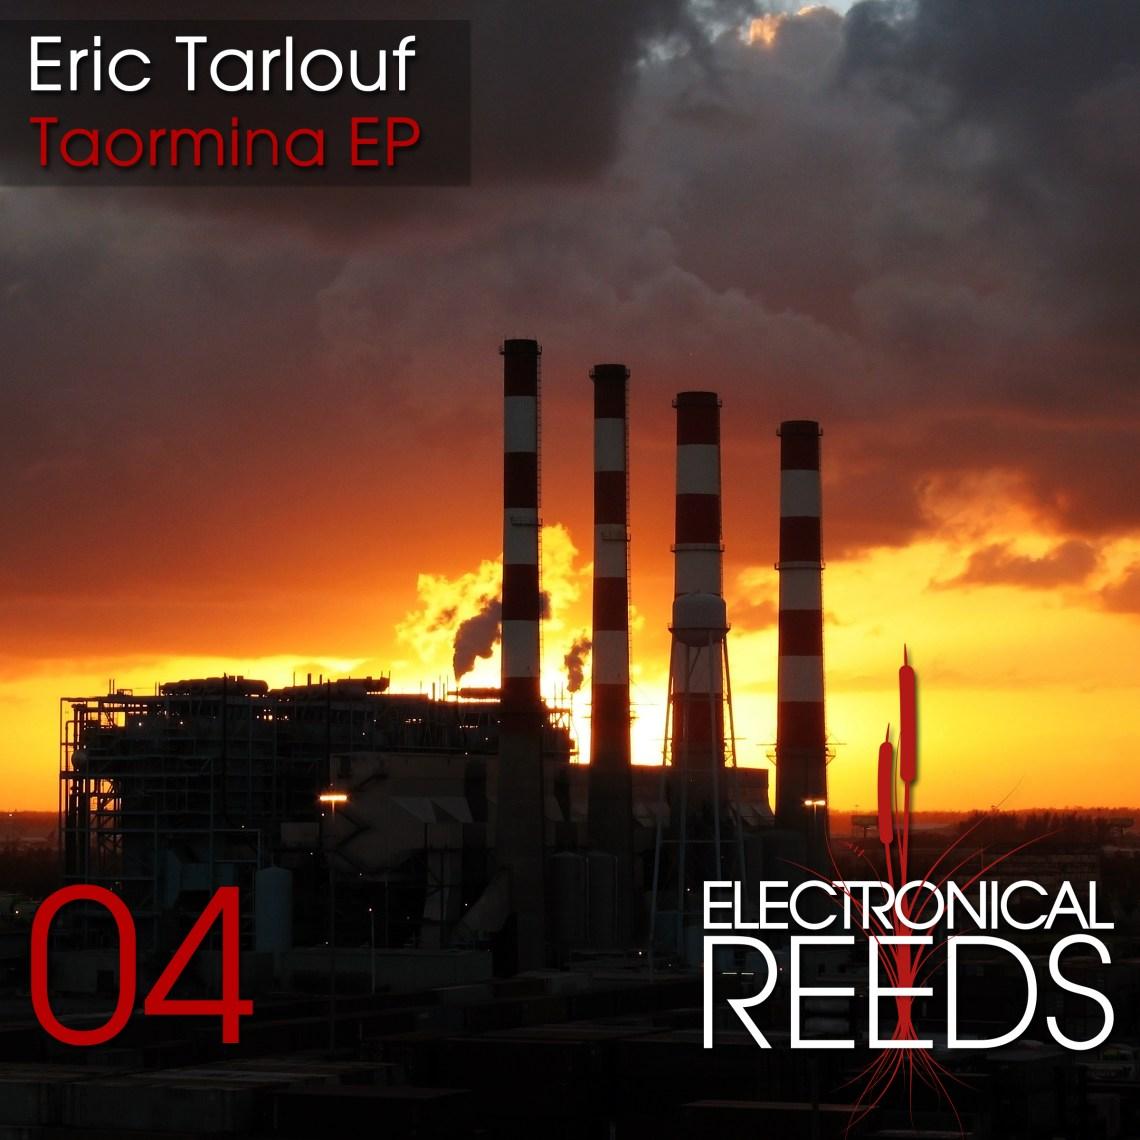 ER004 - Eric Tarlouf - Taormina EP - Electronical Reeds